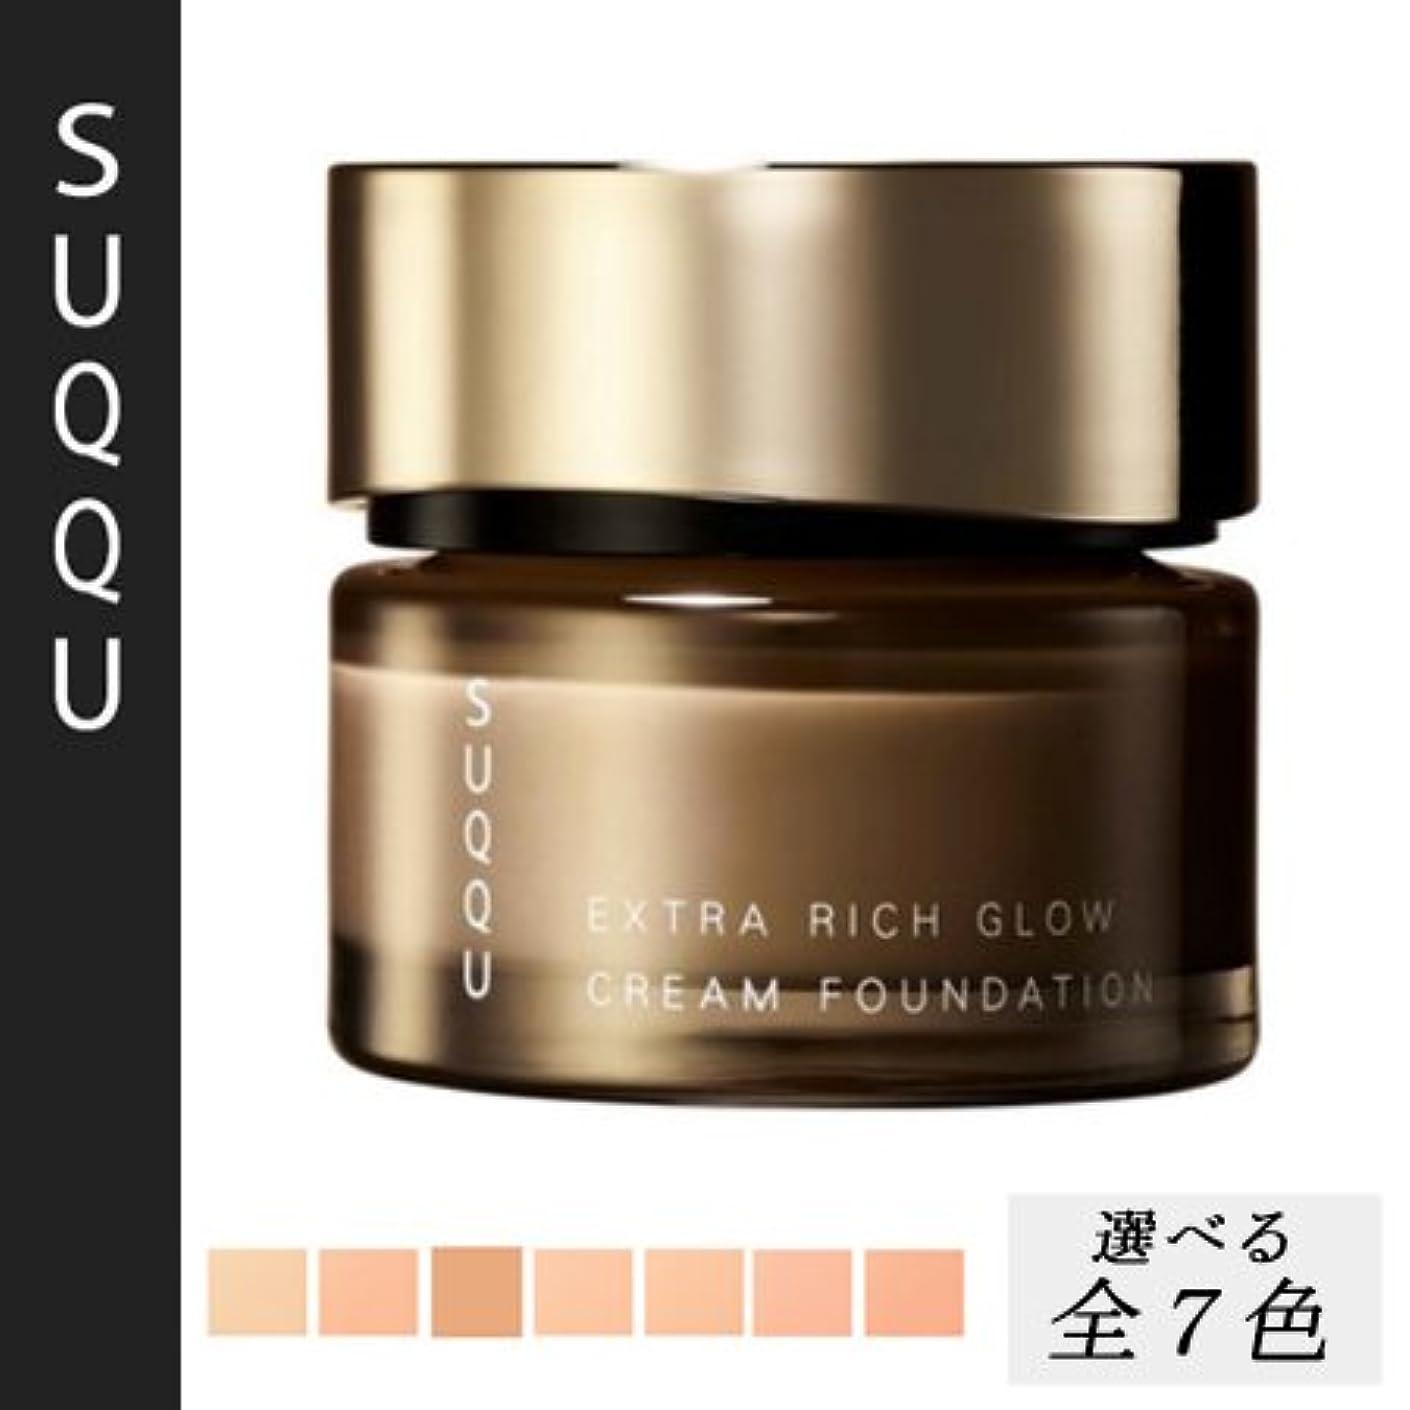 定期的な食欲敏感なスック エクストラ リッチ グロウ クリーム ファンデーション 選べる全7色 -SUQQU- 202